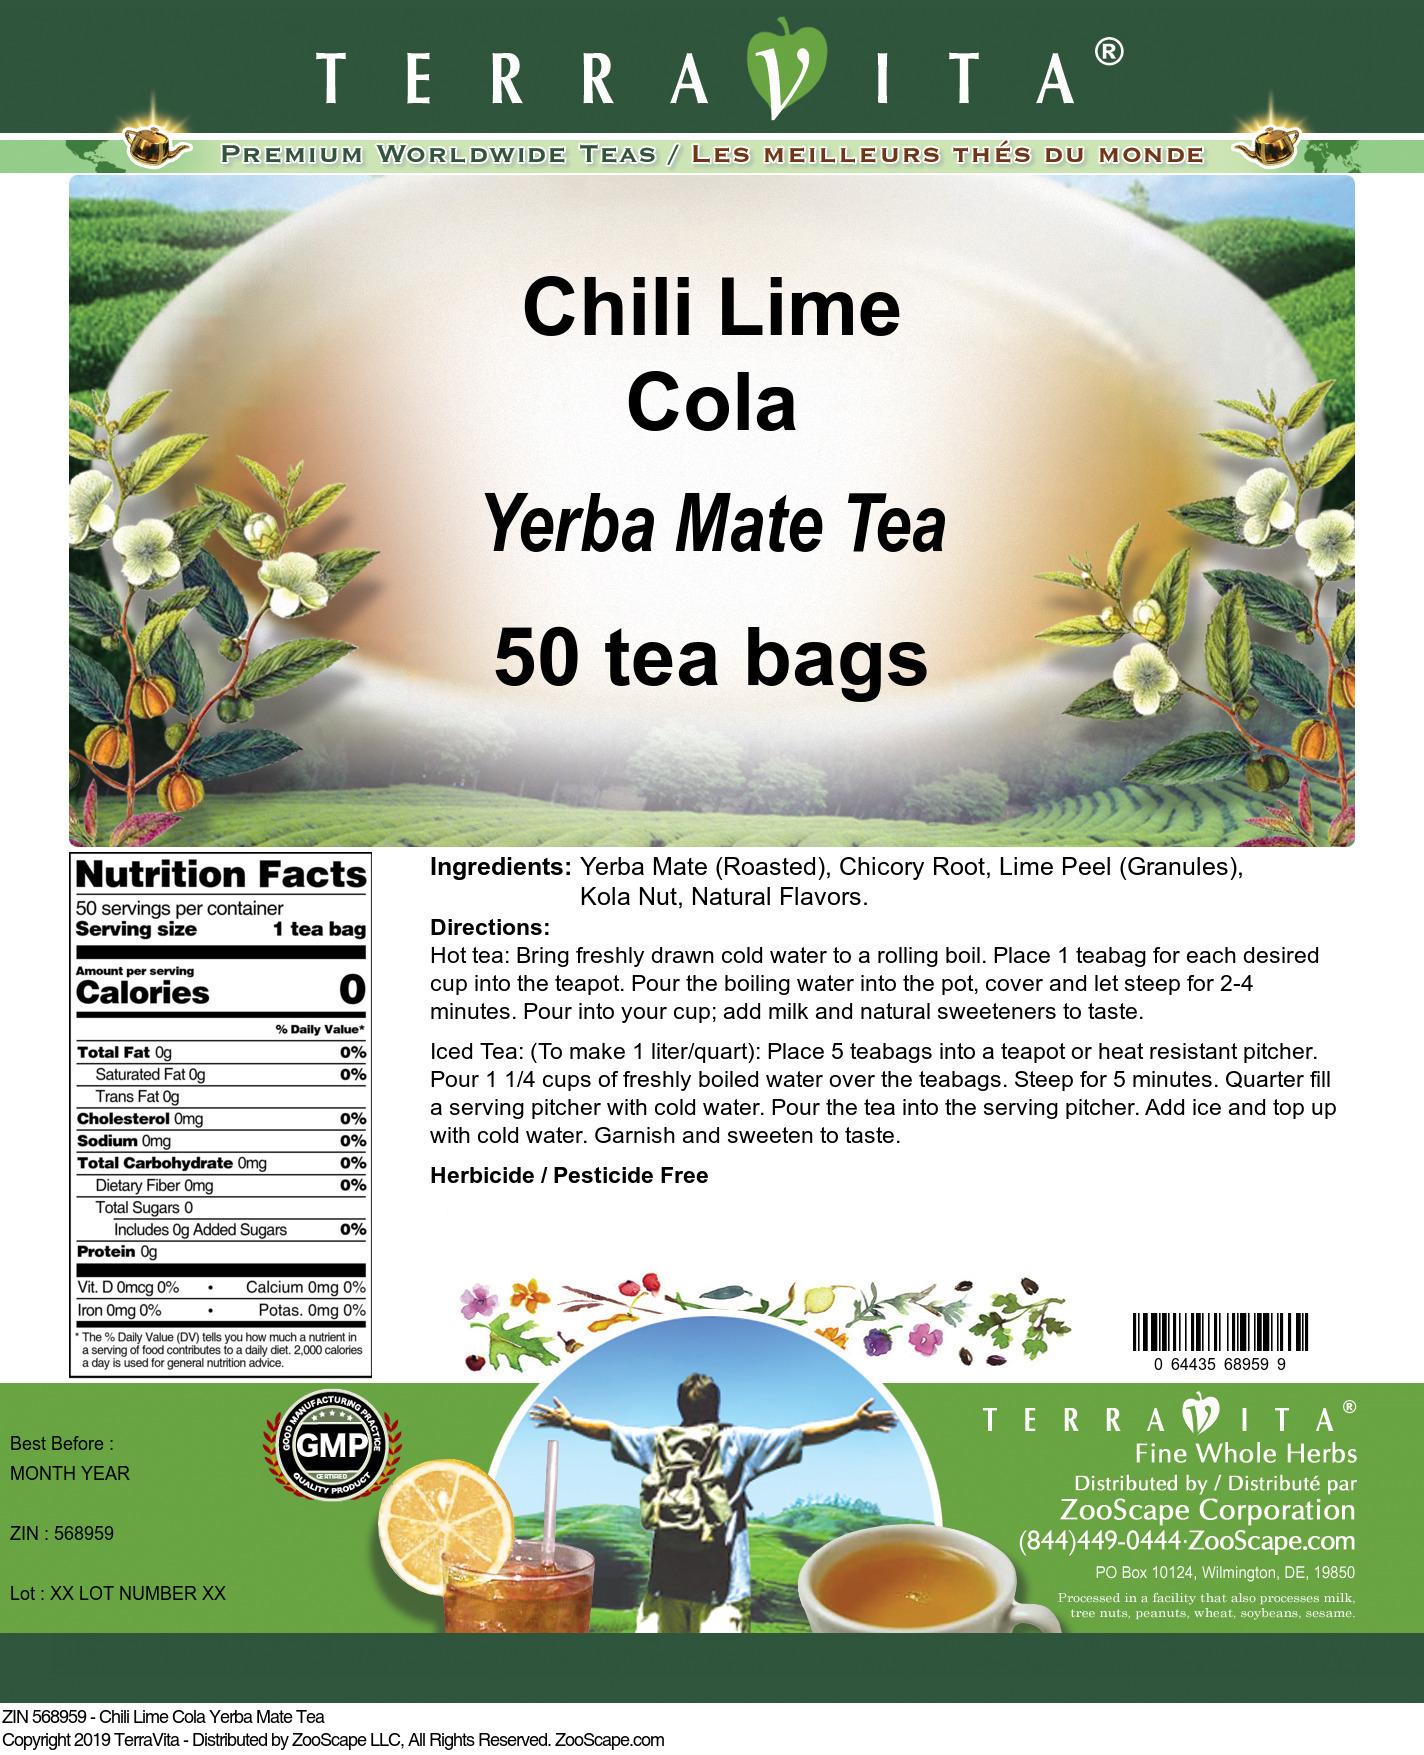 Chili Lime Cola Yerba Mate Tea